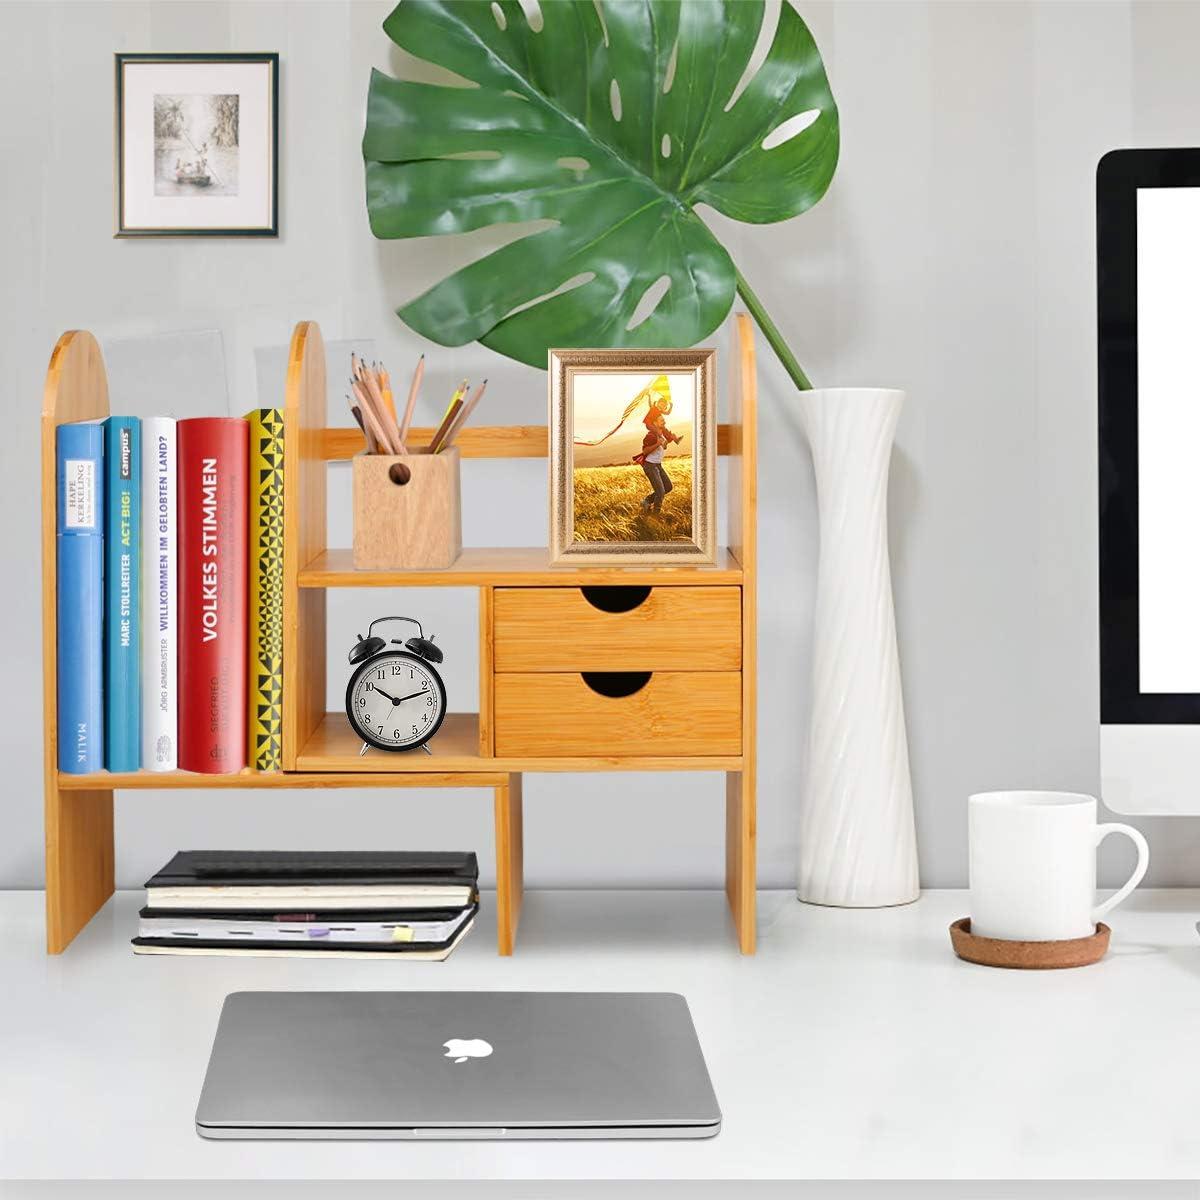 naturale libreria per accessori organizer da scrivania JingPeng Organizer da scrivania per ufficio libreria con 2 cassetti ripiano in bamb/ù regolabile